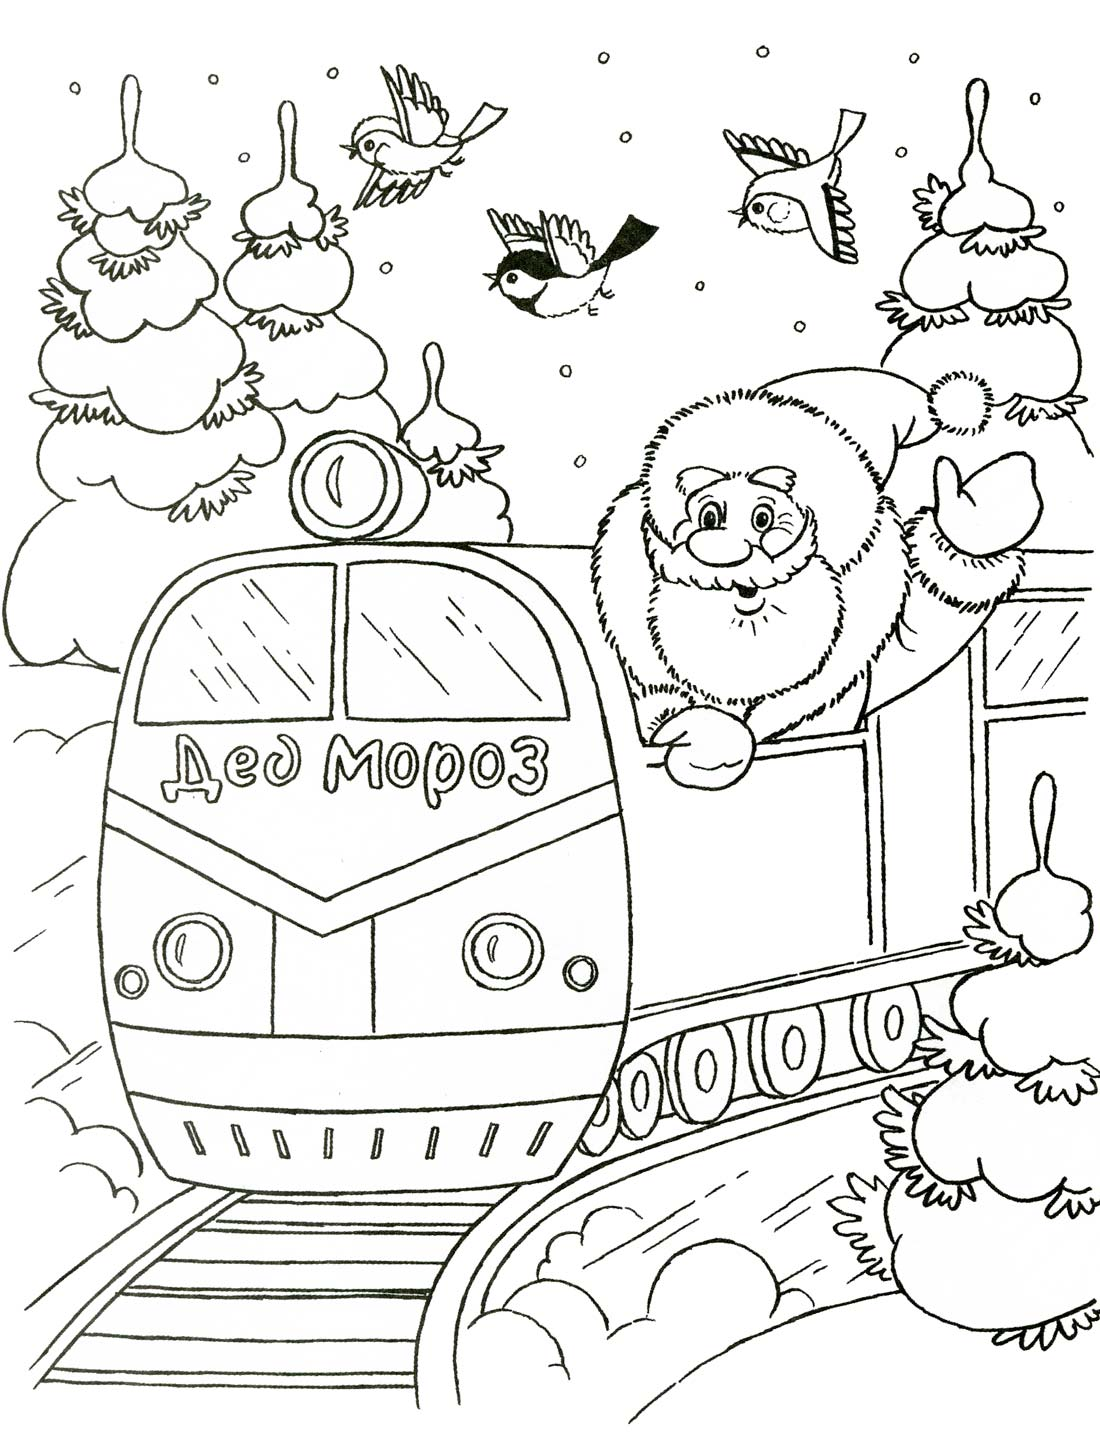 Плакаты, дед мороз едет в поезде Зимние раскраски для мальчиков